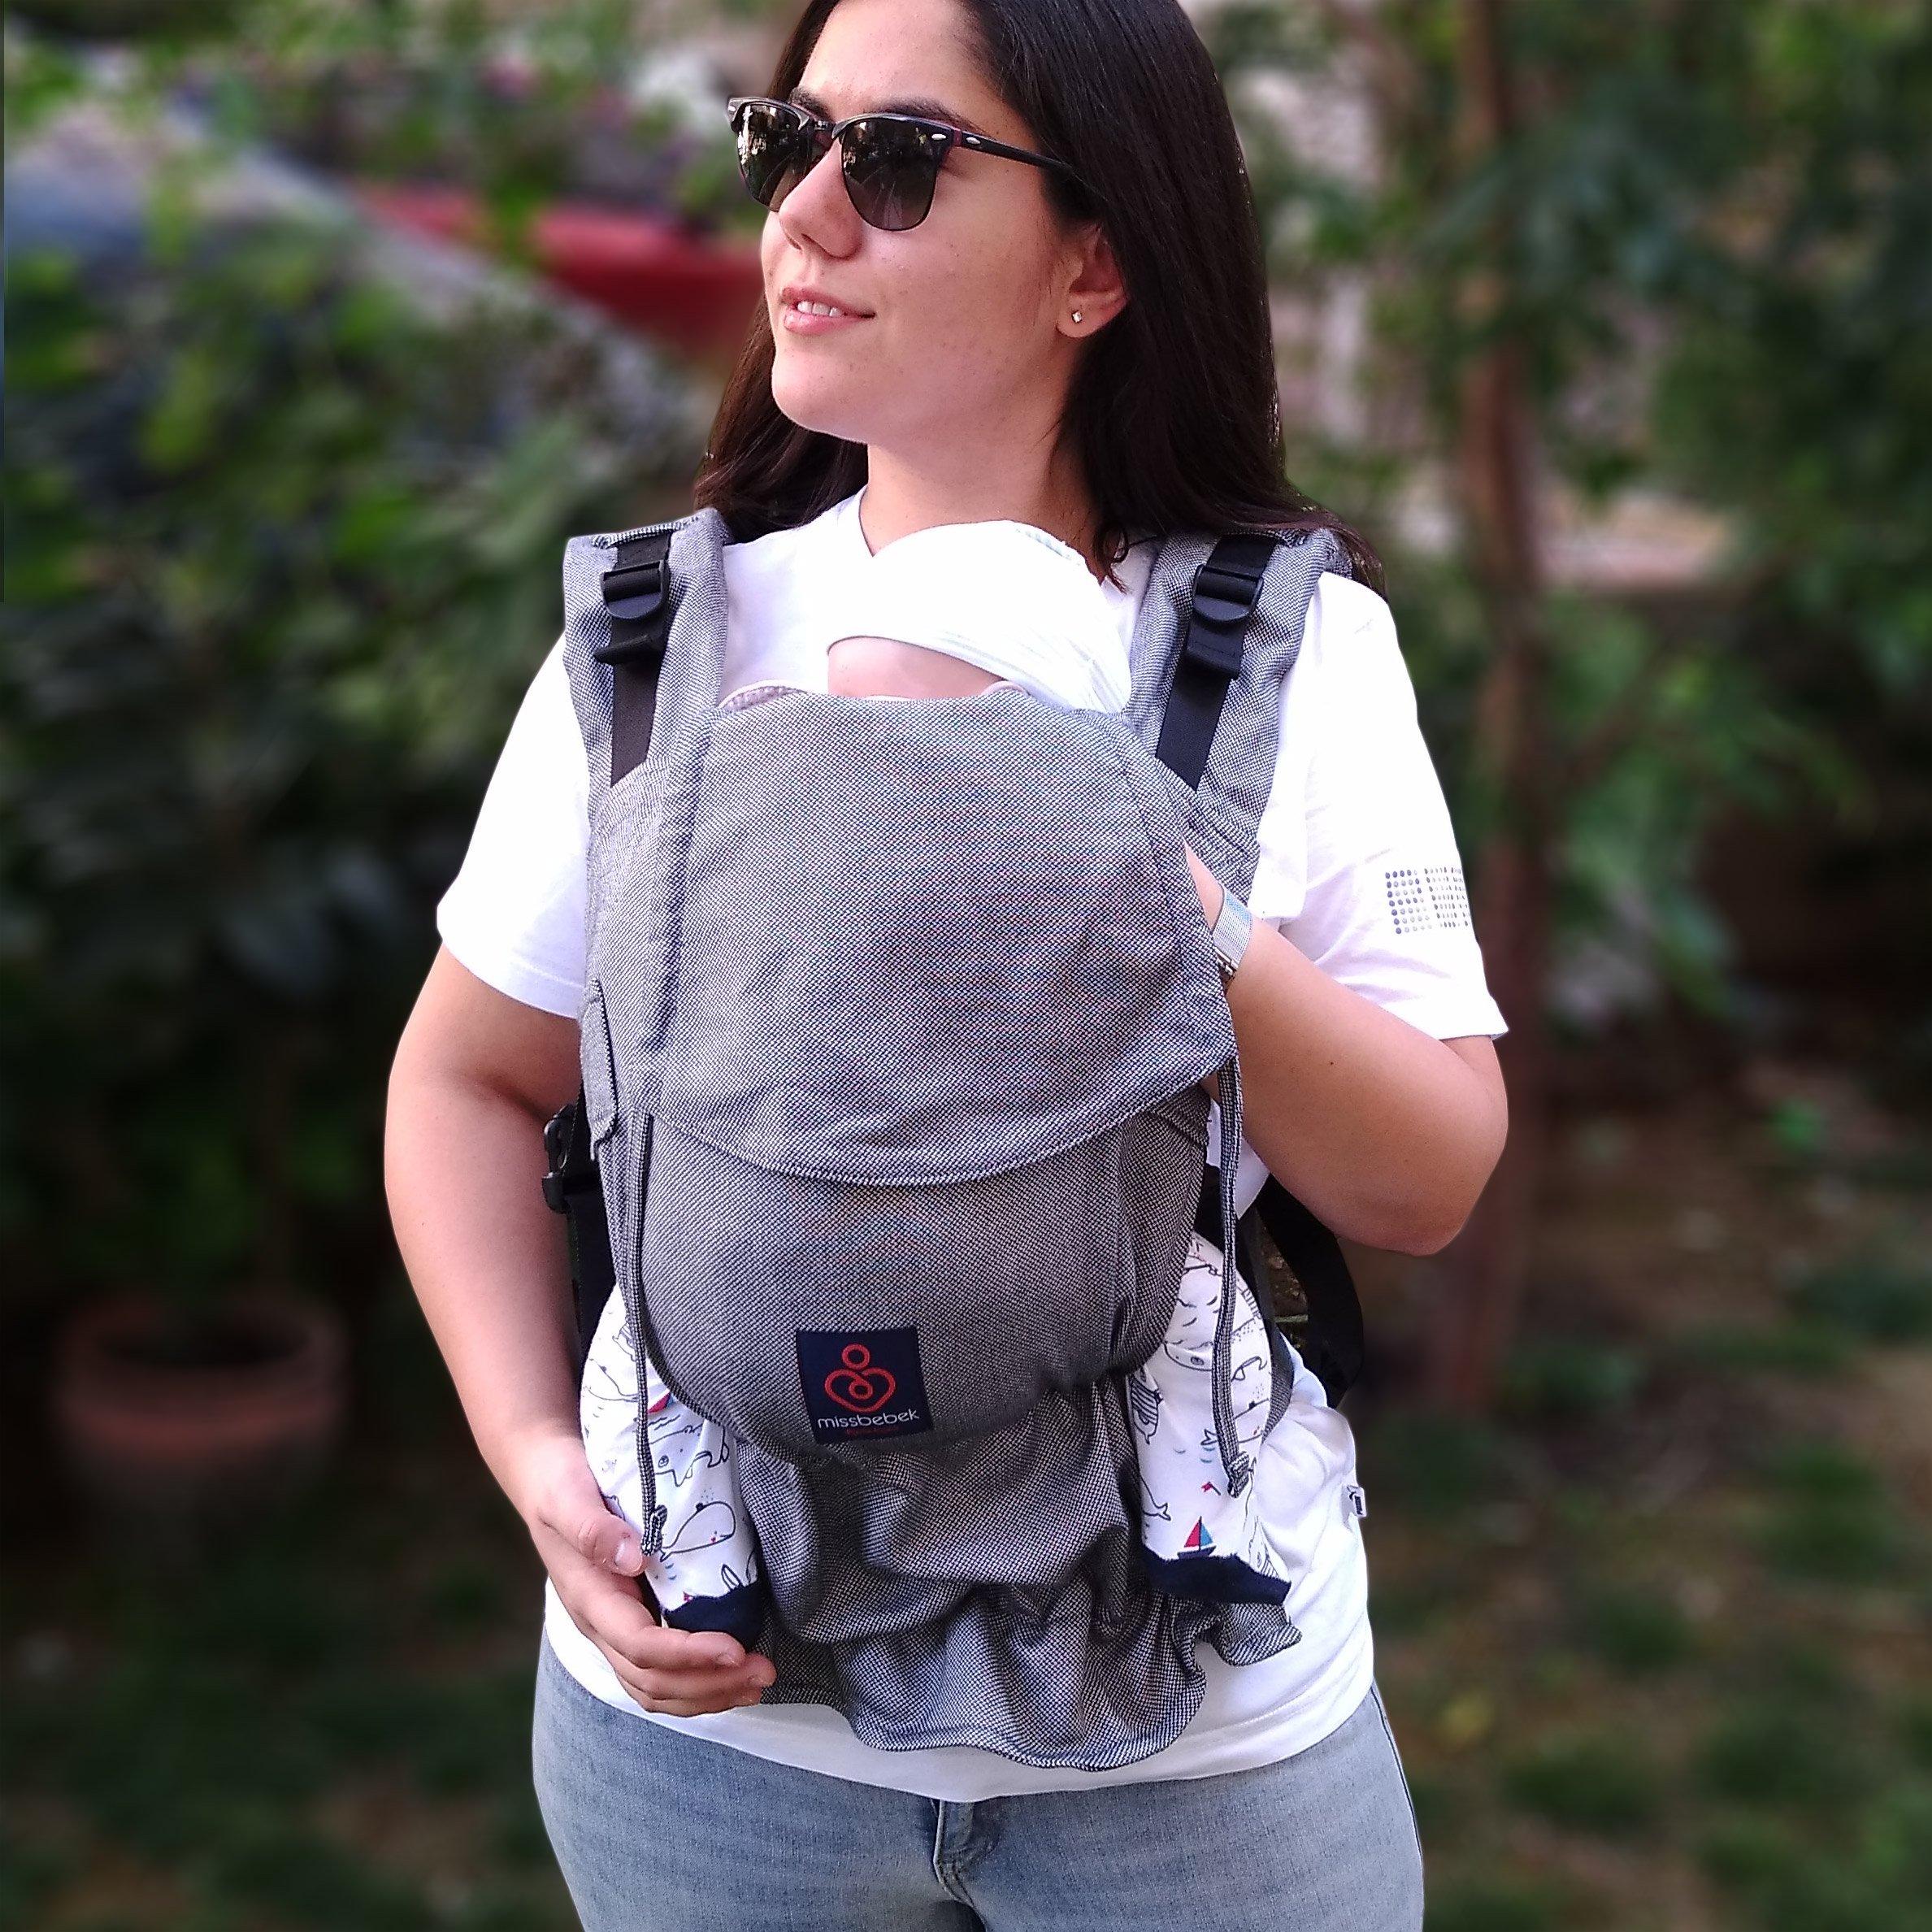 MissBebek Ergonomik Babycarrier / Bebek Taşıyıcı / Ergonomik Kanguru / Bebek Taşıma – All Tulum